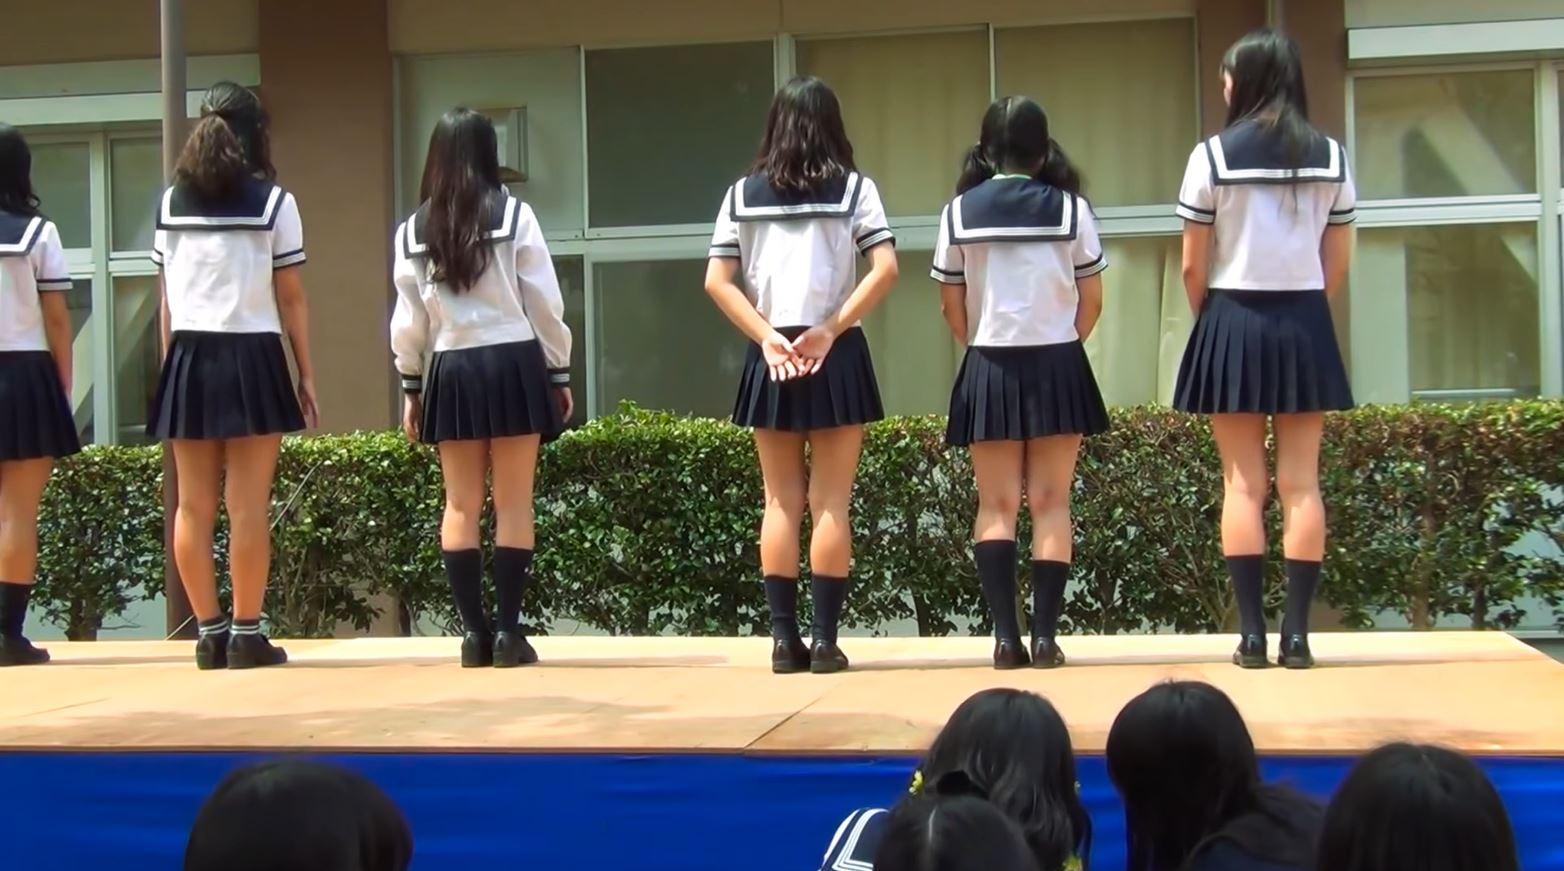 《女子校生リアルダンス》エロじゃないけどみてしまう美少女シリーズ『セーラー服JKのダンス』♪